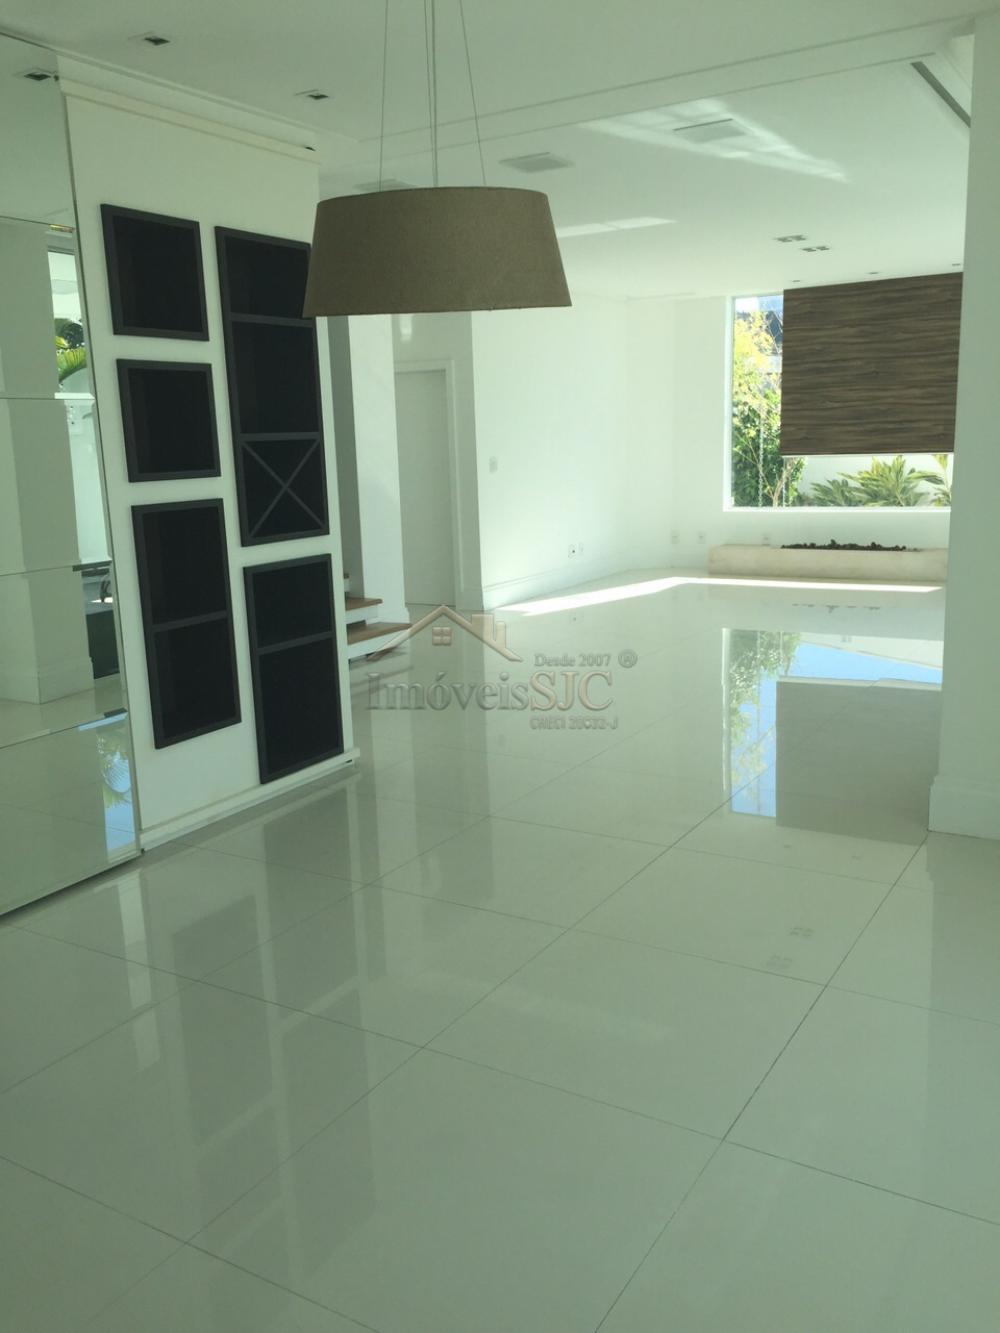 Alugar Casas / Condomínio em São José dos Campos apenas R$ 15.000,00 - Foto 2